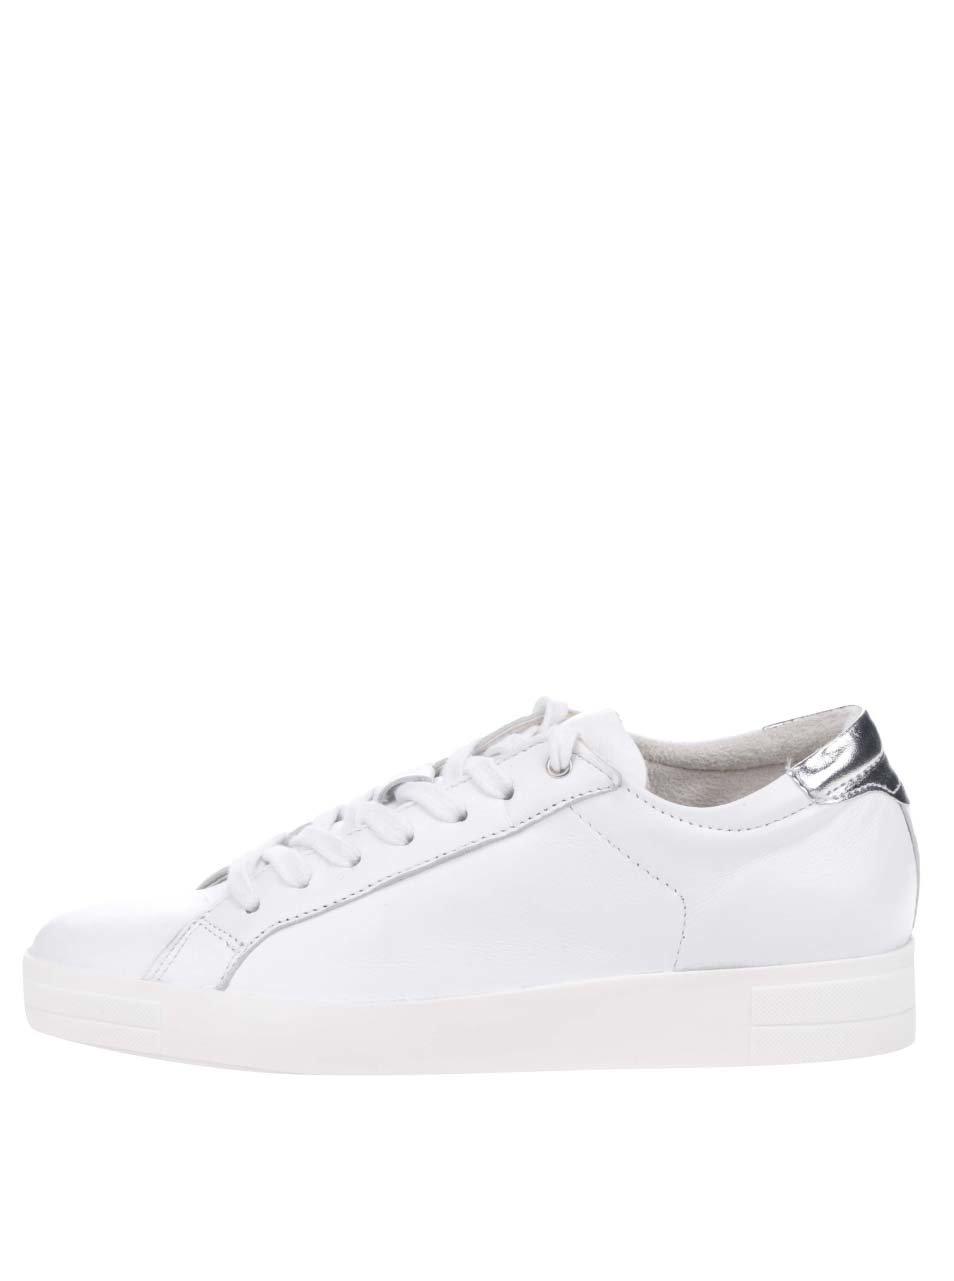 Bílé kožené tenisky s detaily ve stříbrné barvě Tamaris ŽENY   Boty    tenisky 7741ab5a8b2